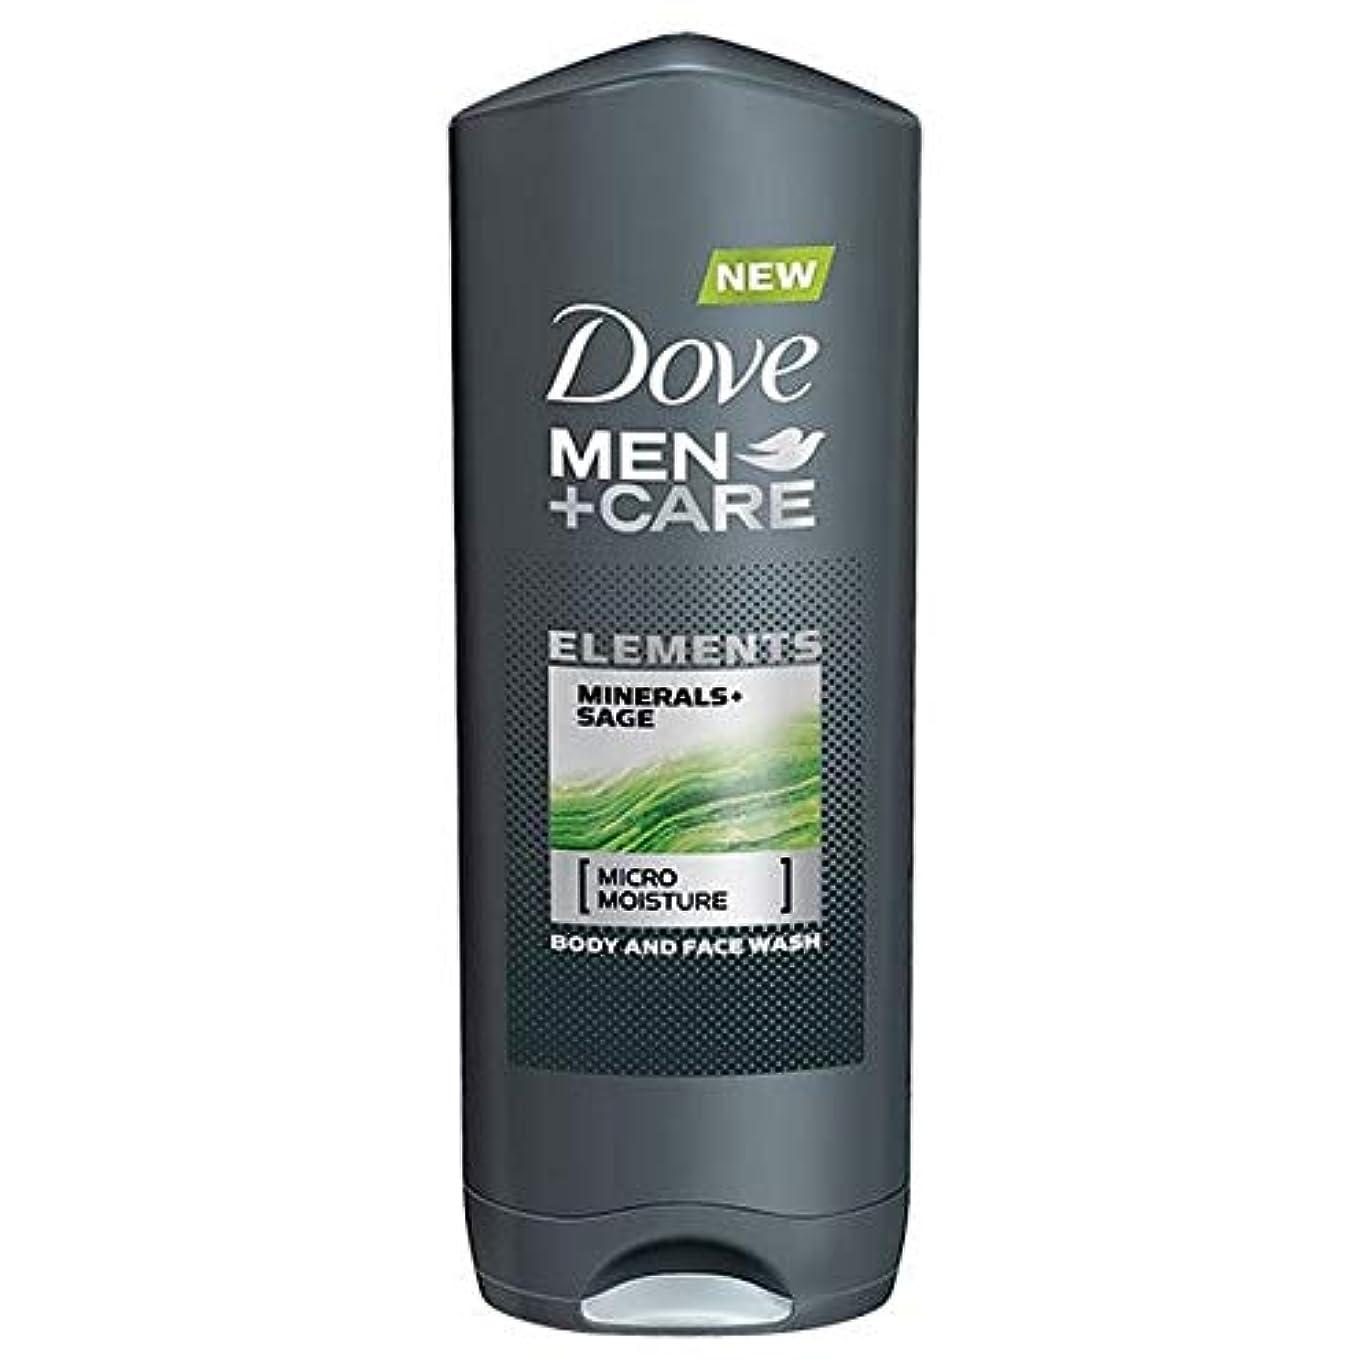 反逆者どんなときもハンバーガー[Dove ] 鳩の男性+ケアシャワーミネラルやセージ400ミリリットル - Dove Men + Care Shower Minerals and Sage 400ml [並行輸入品]